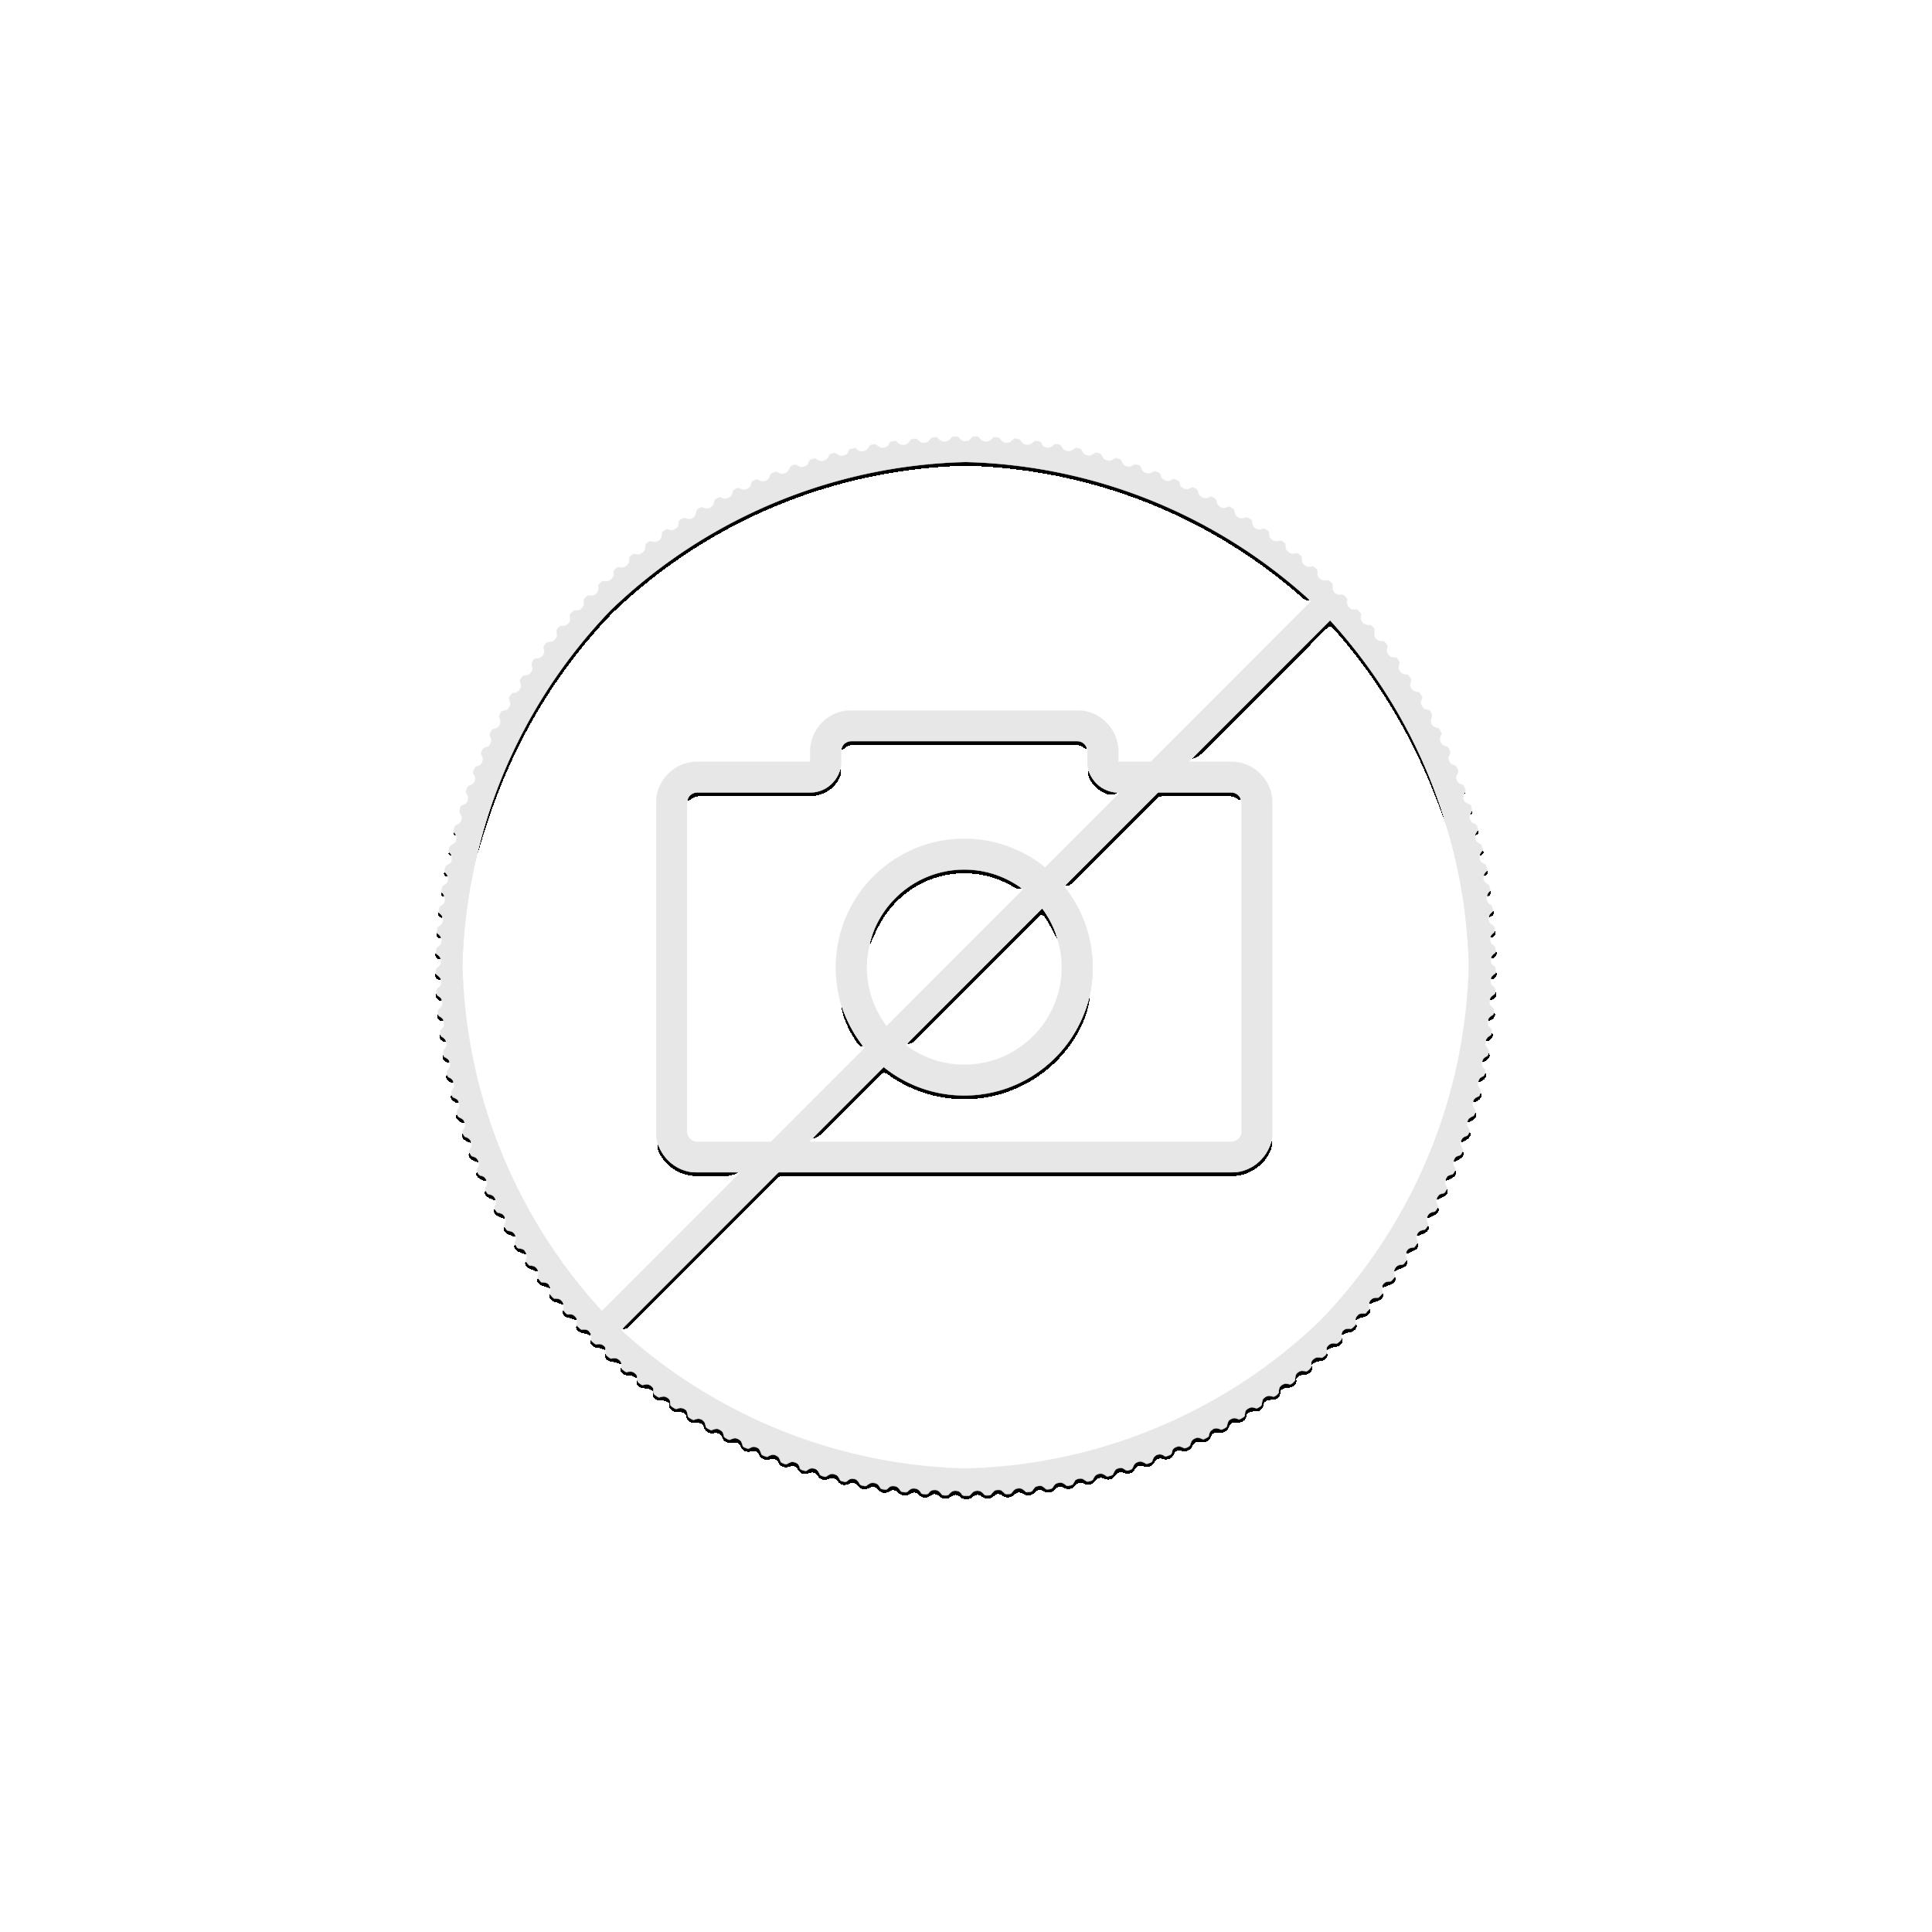 1 troy ounce zilver Mexican Libertad munt - voorgaande jaargangen